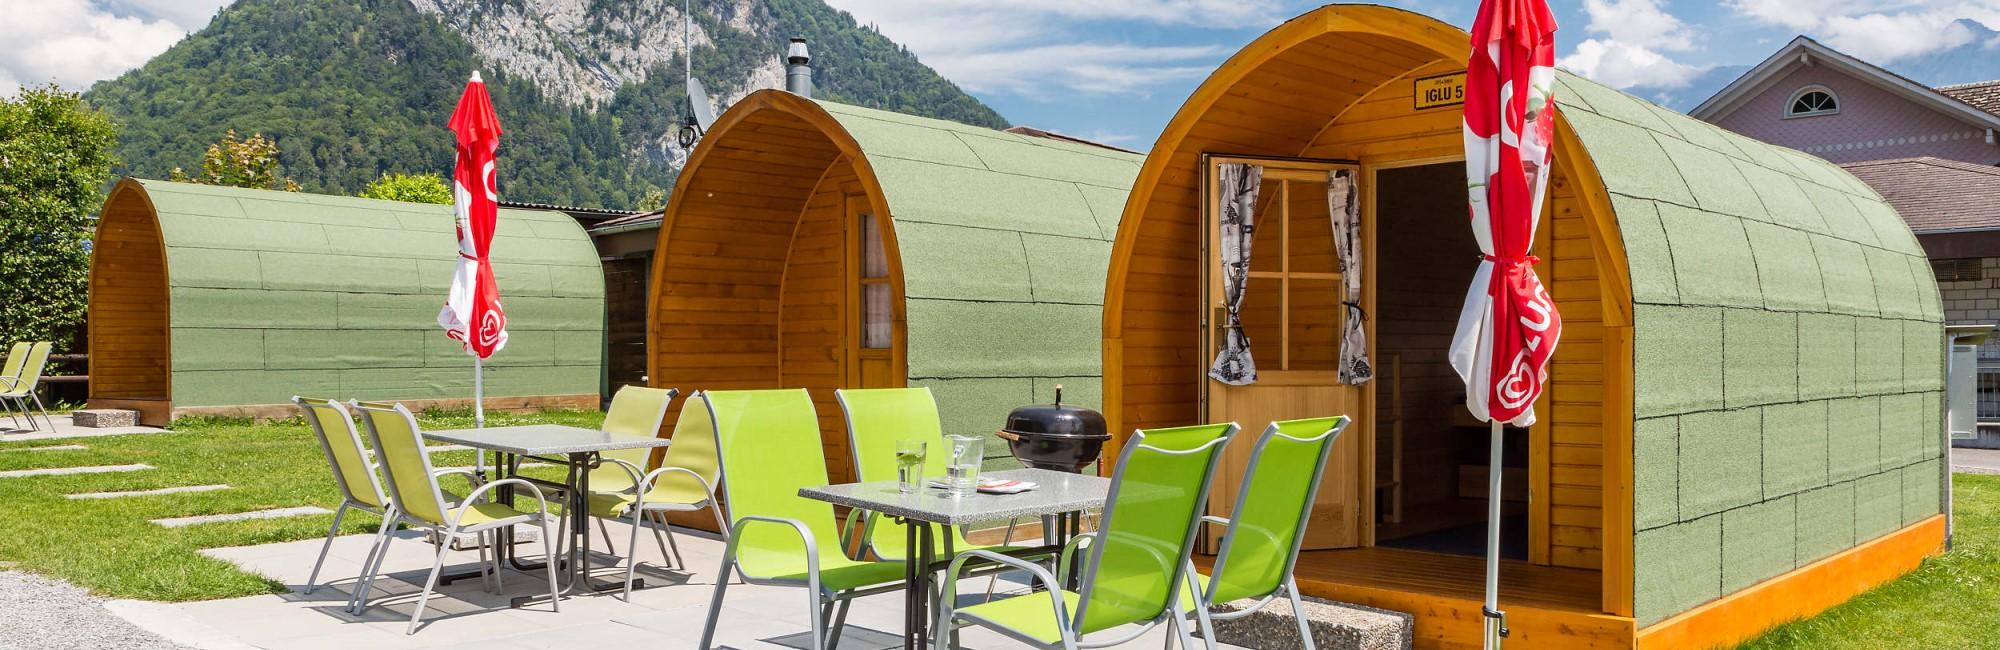 günstige Unterkunft auf dem Camping Lazy Rancho in Unterseen bei Interlaken: Holziglus für bis zu 4 Personen